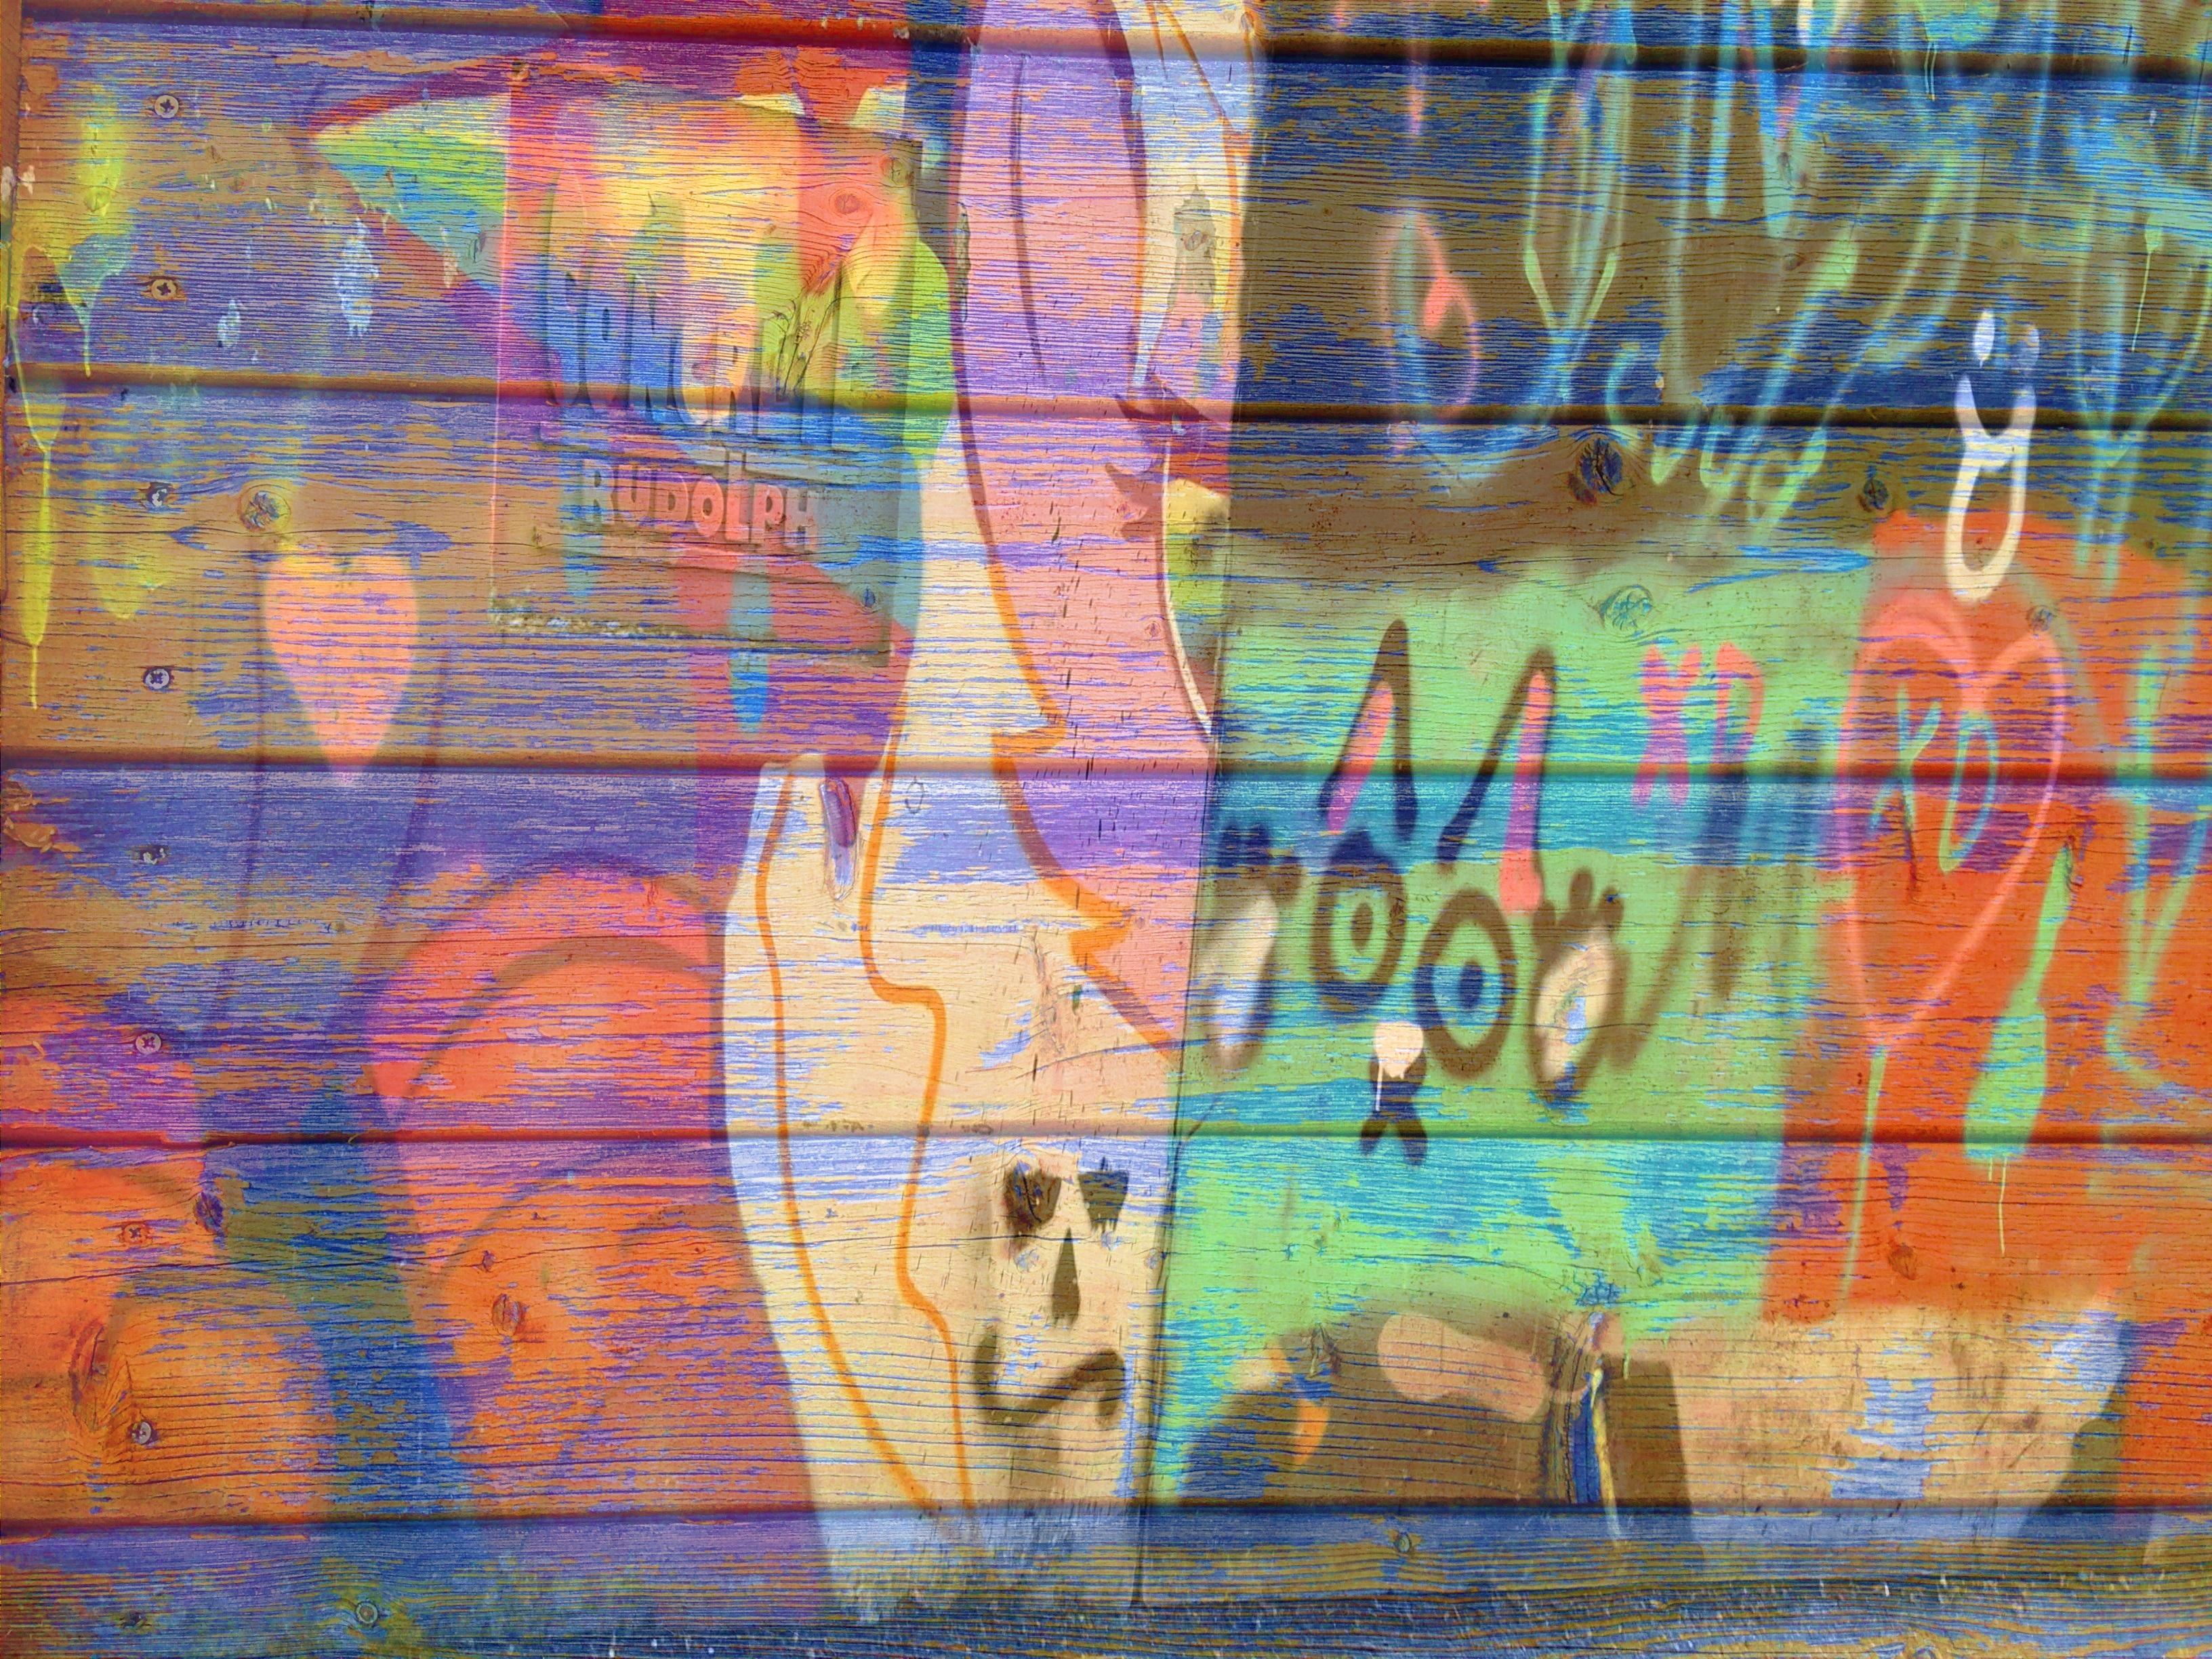 Images Gratuites Mur Modèle Couleur Coloré Graffiti La